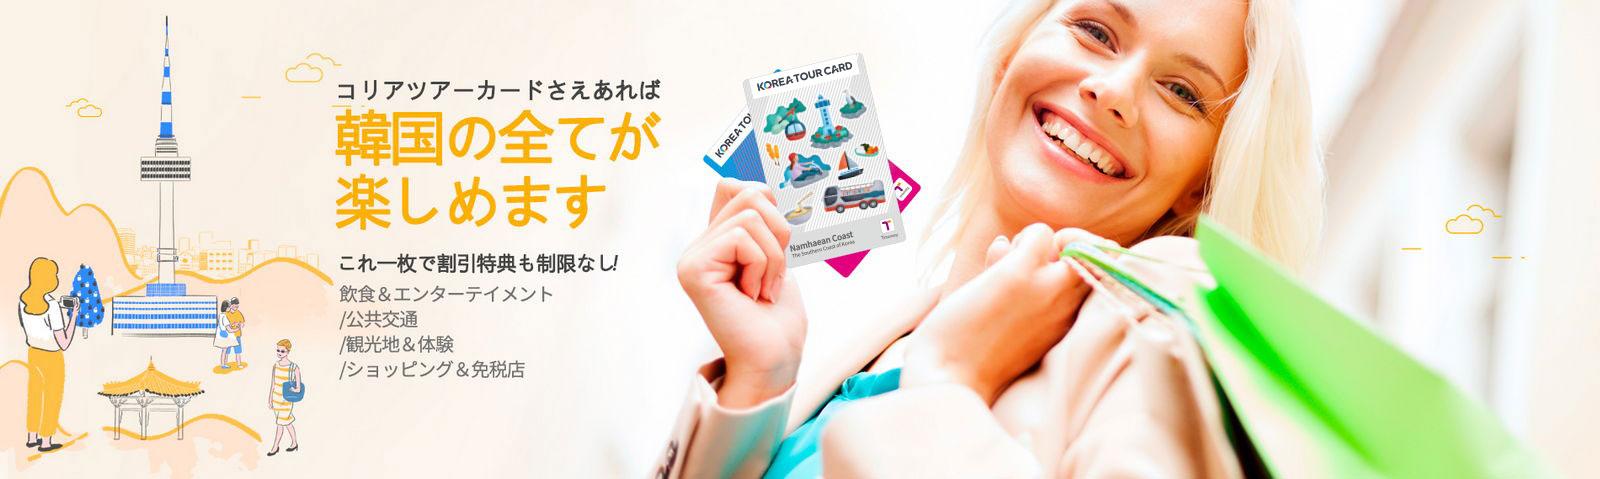 03-ktc_slide_banner_jp